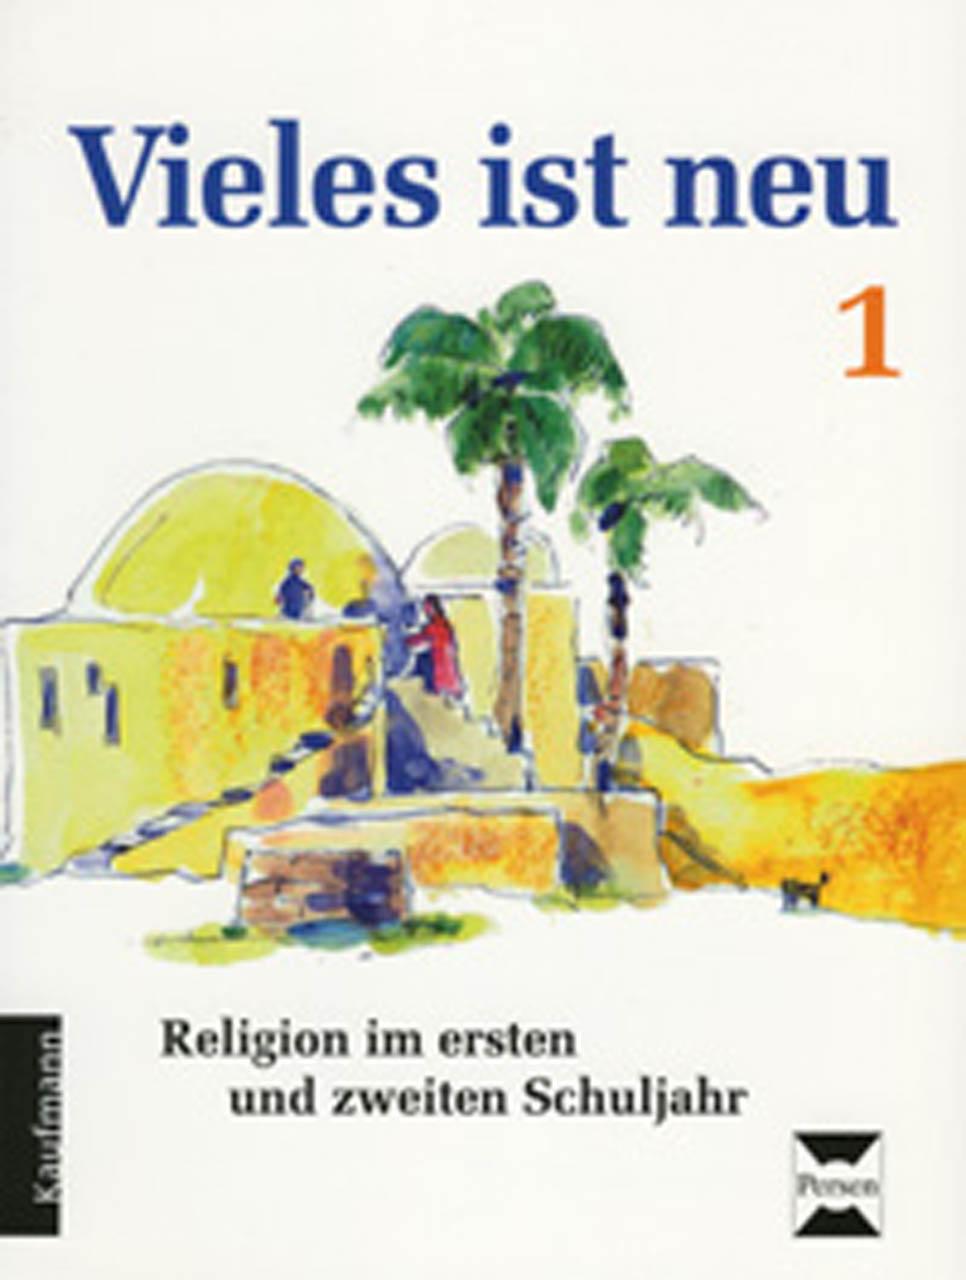 Vieles ist neu - Religion im ersten und zweiten...